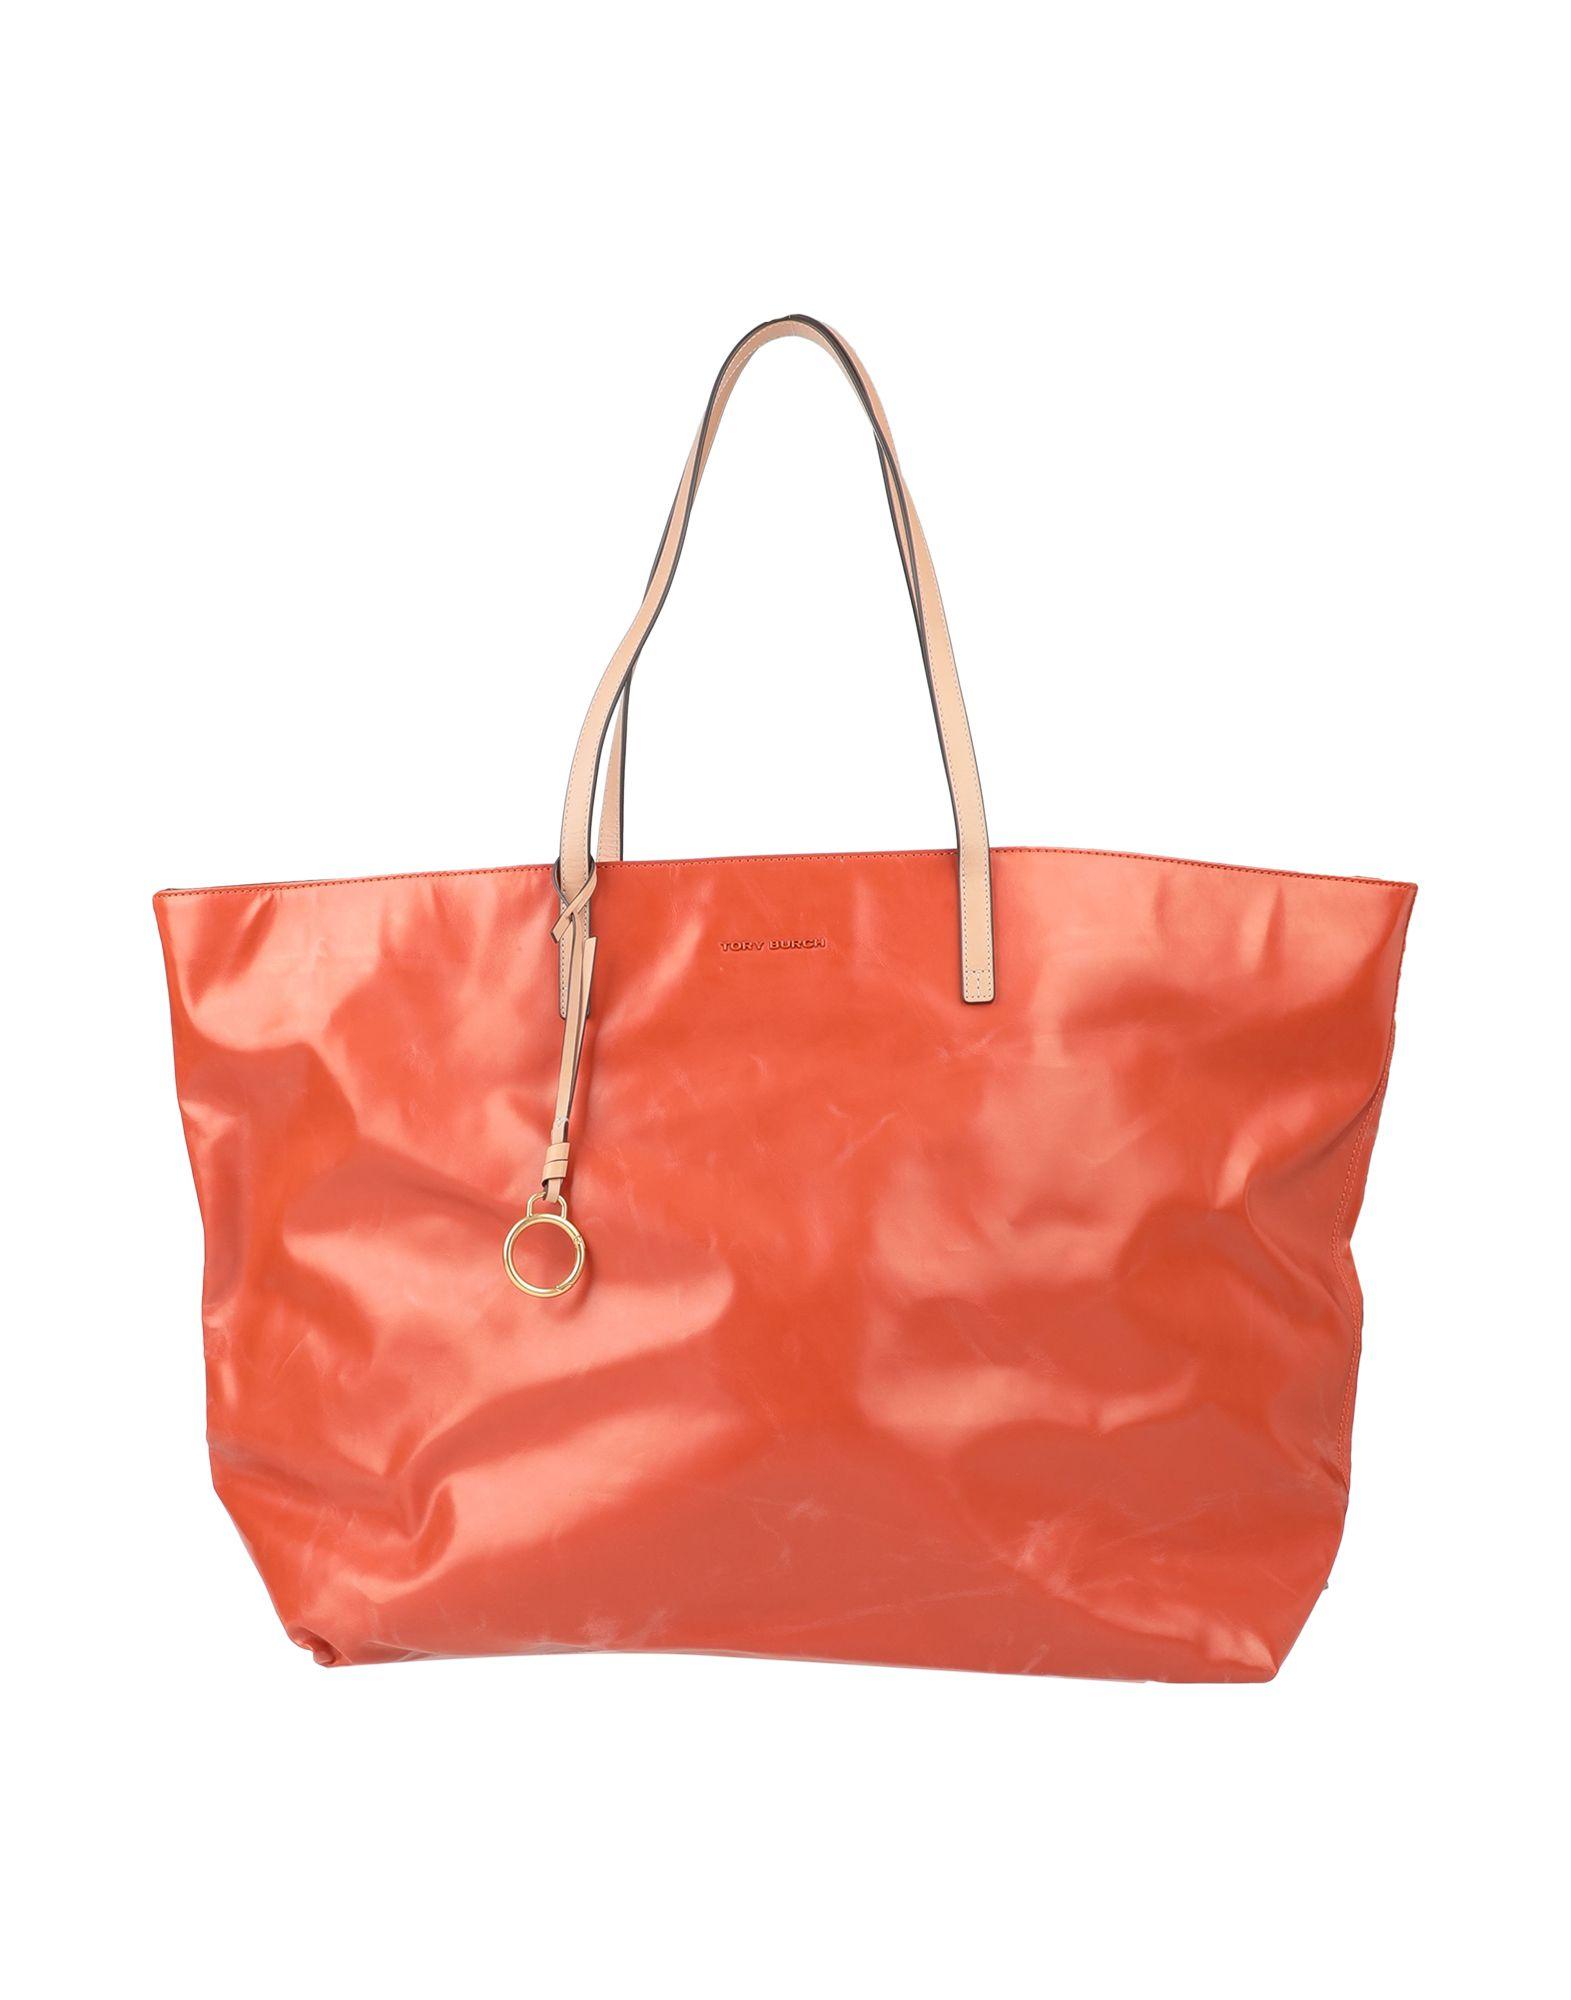 TORY BURCH Shoulder bags - Item 45527085